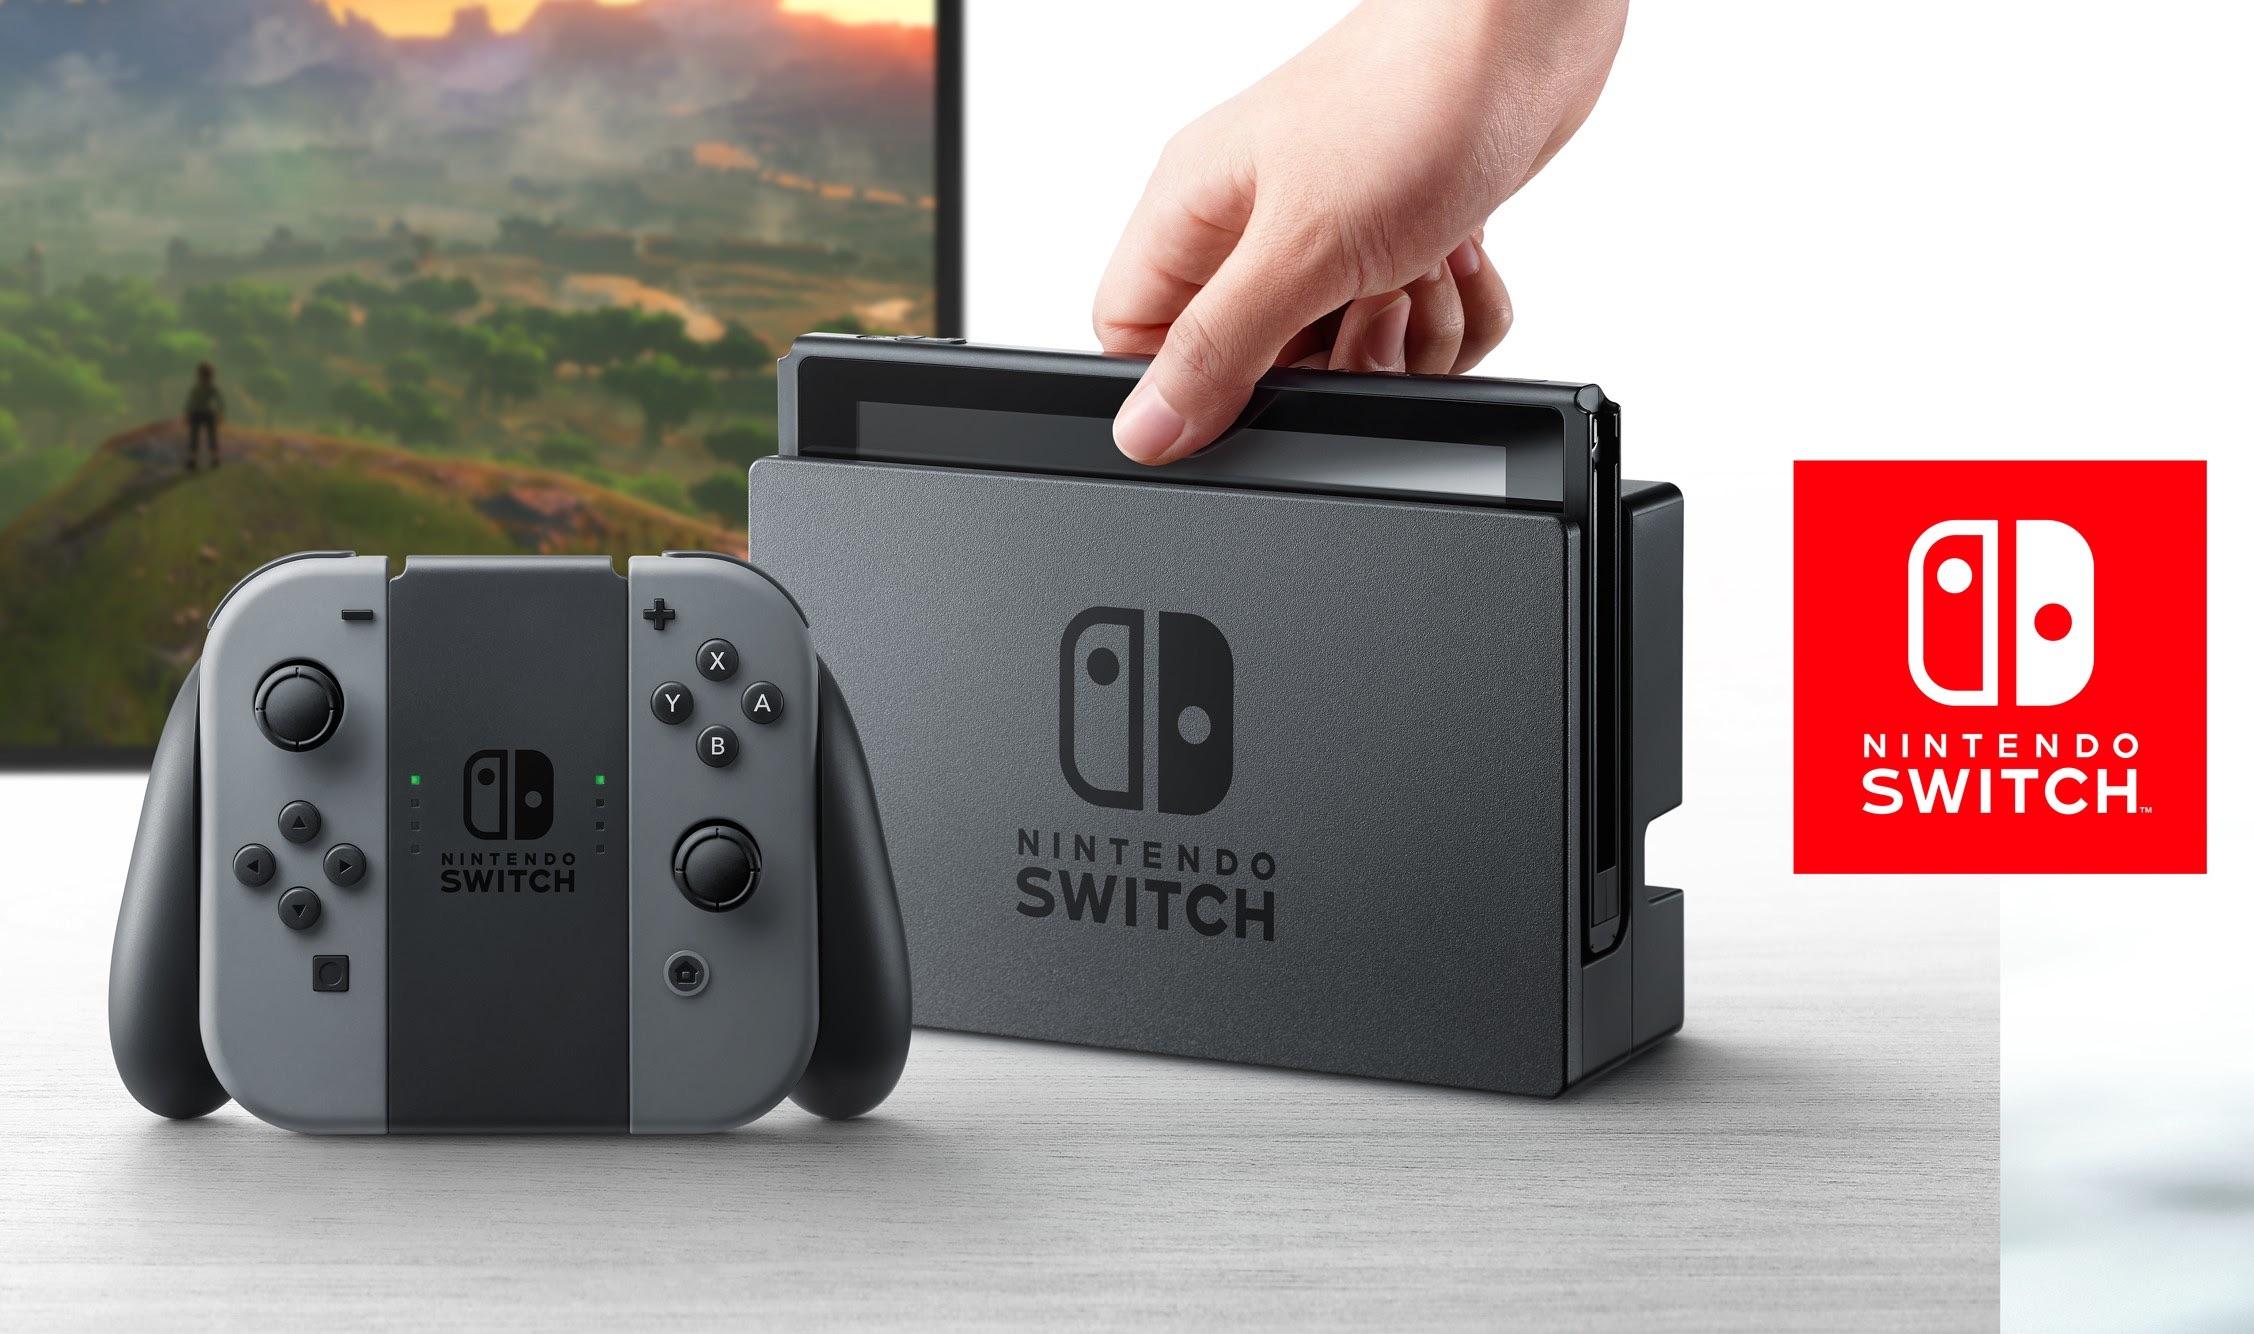 Nintendo cae en la Bolsa tras presentar su Switch